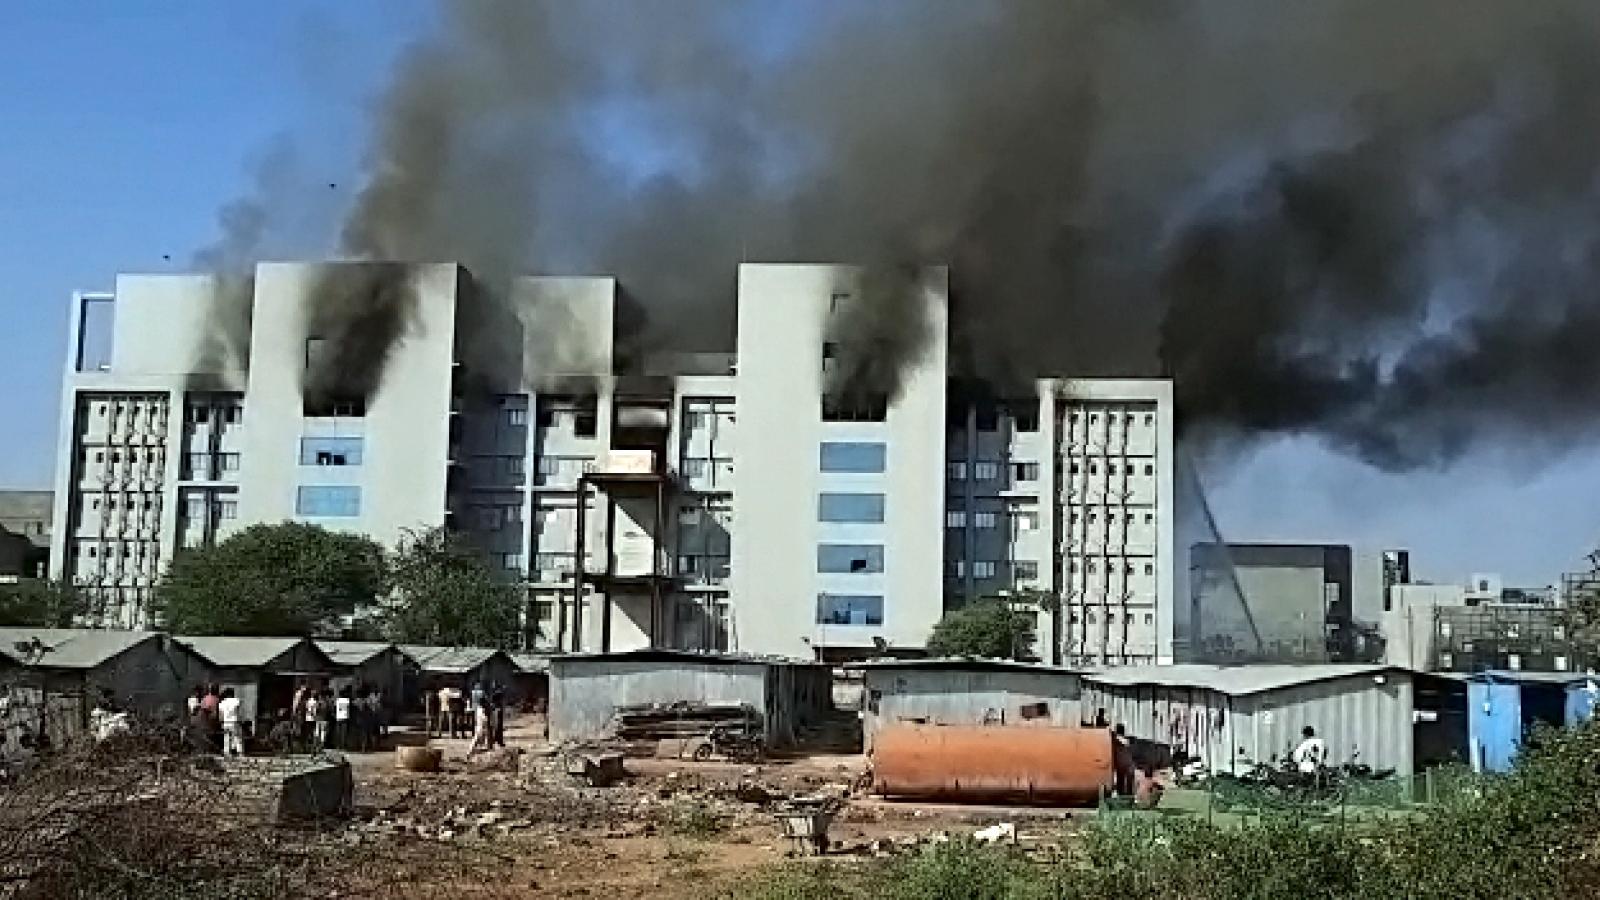 Cháy công ty sản xuất vaccine Covid-19 tại Ấn Độ, 5 người chết